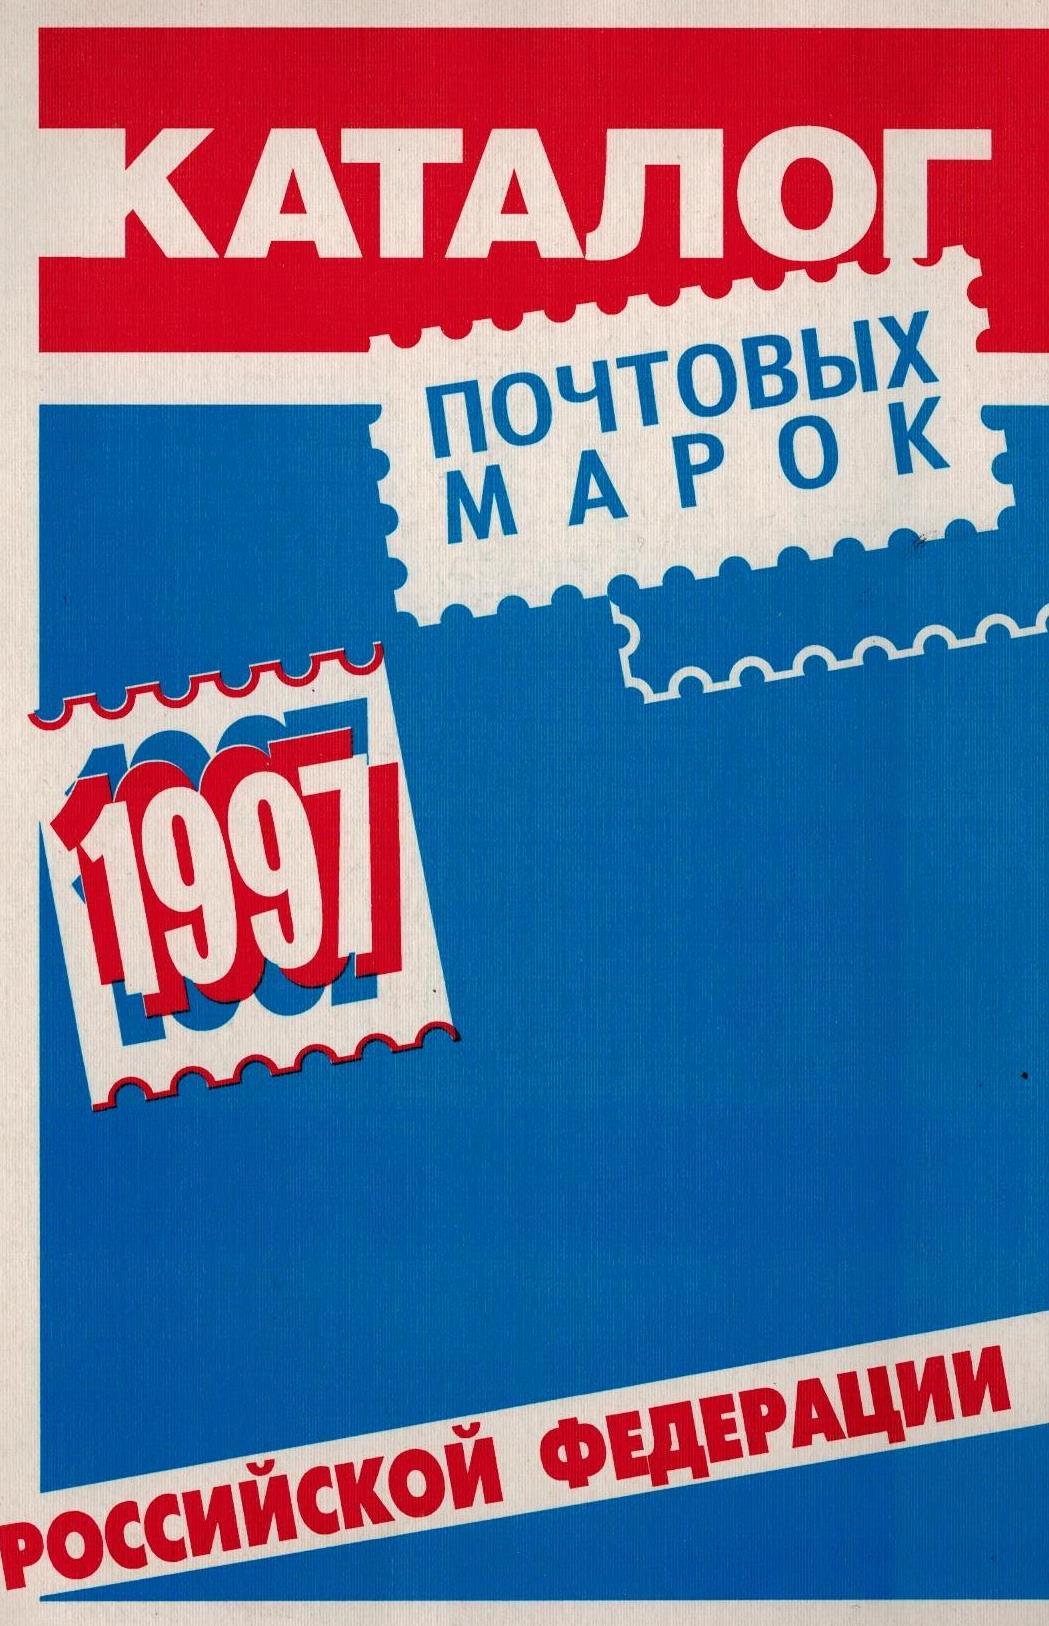 Каталог почтовых марок Российской Федерации 1997 каталог итц марка государственные знаки почтовой оплаты маркированные конверты бандероли 1845 2012 переплет тип 2 2012 год